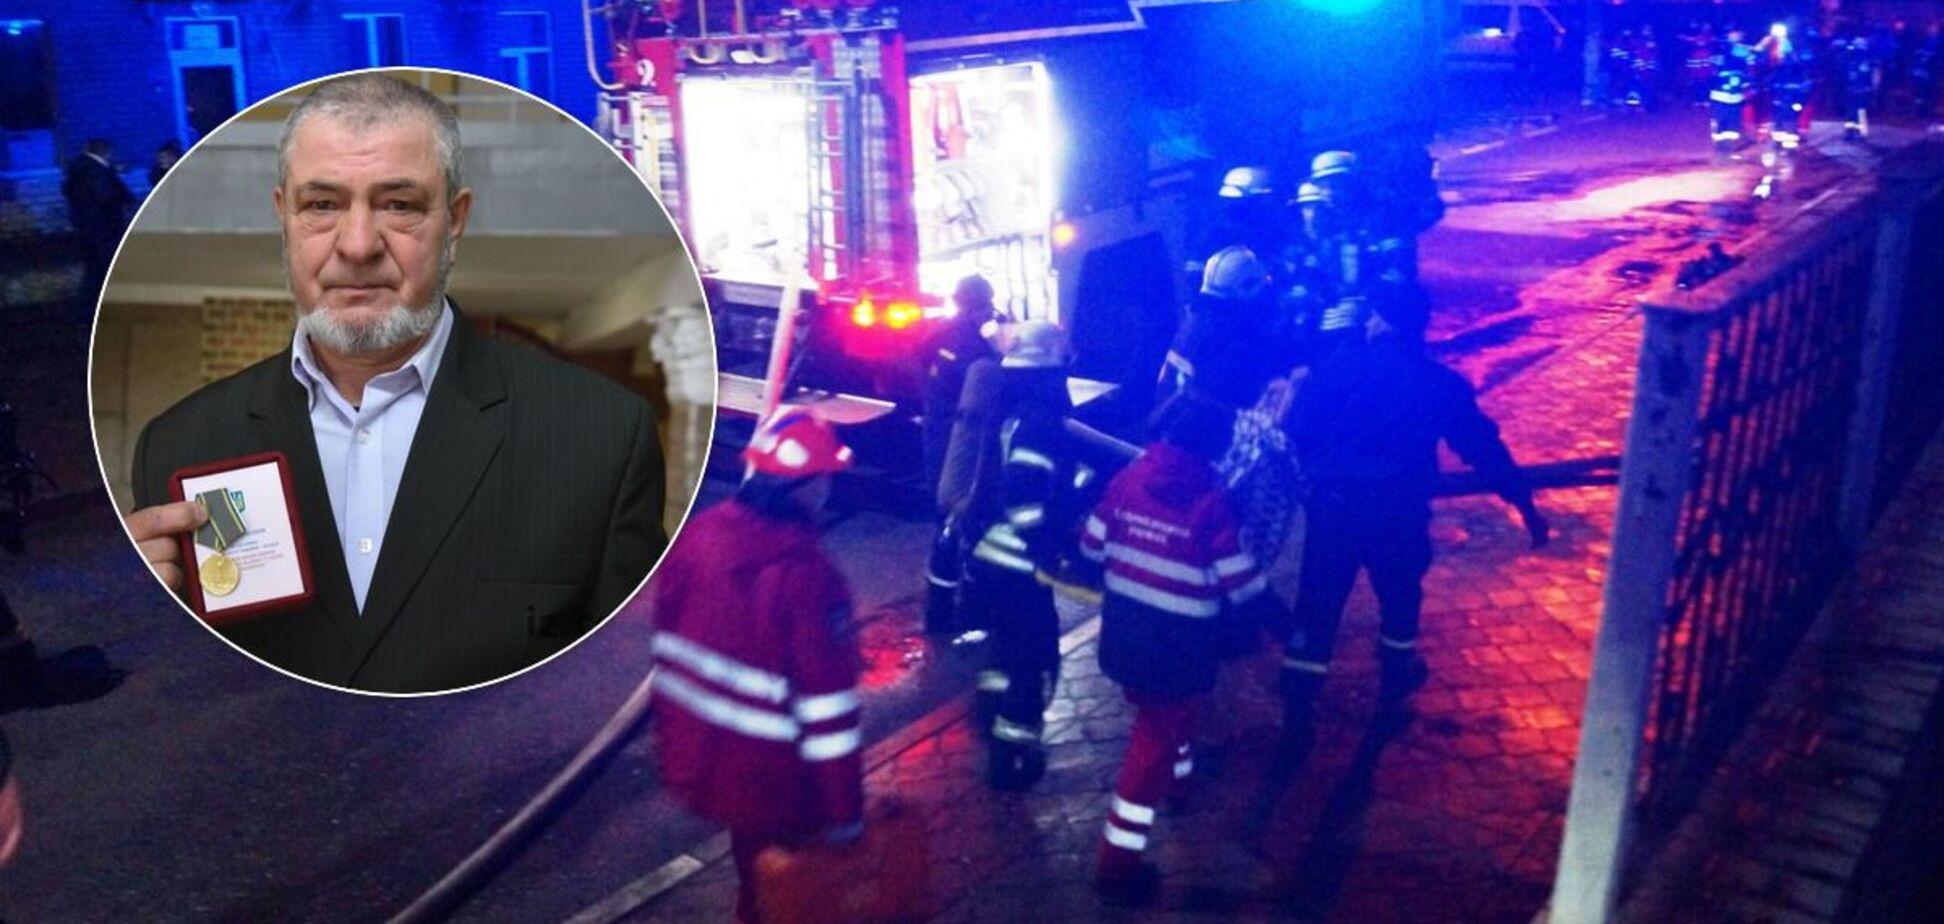 На пожаре в Запорожье погиб ветеран МВД: его по ошибке не указали в списке. Фото